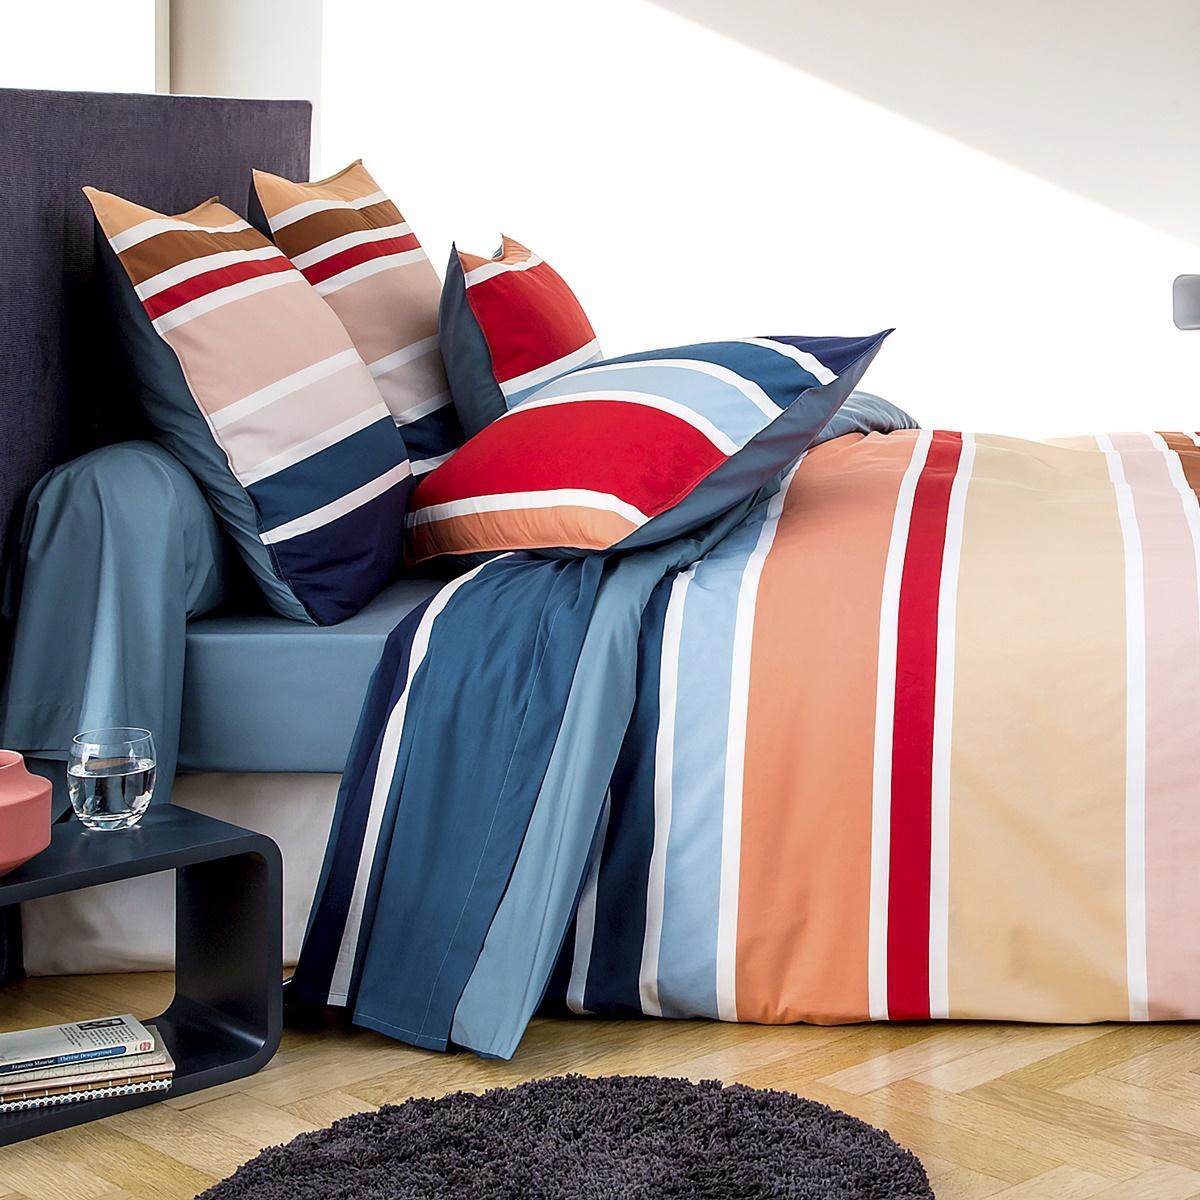 Bed Set Stripes